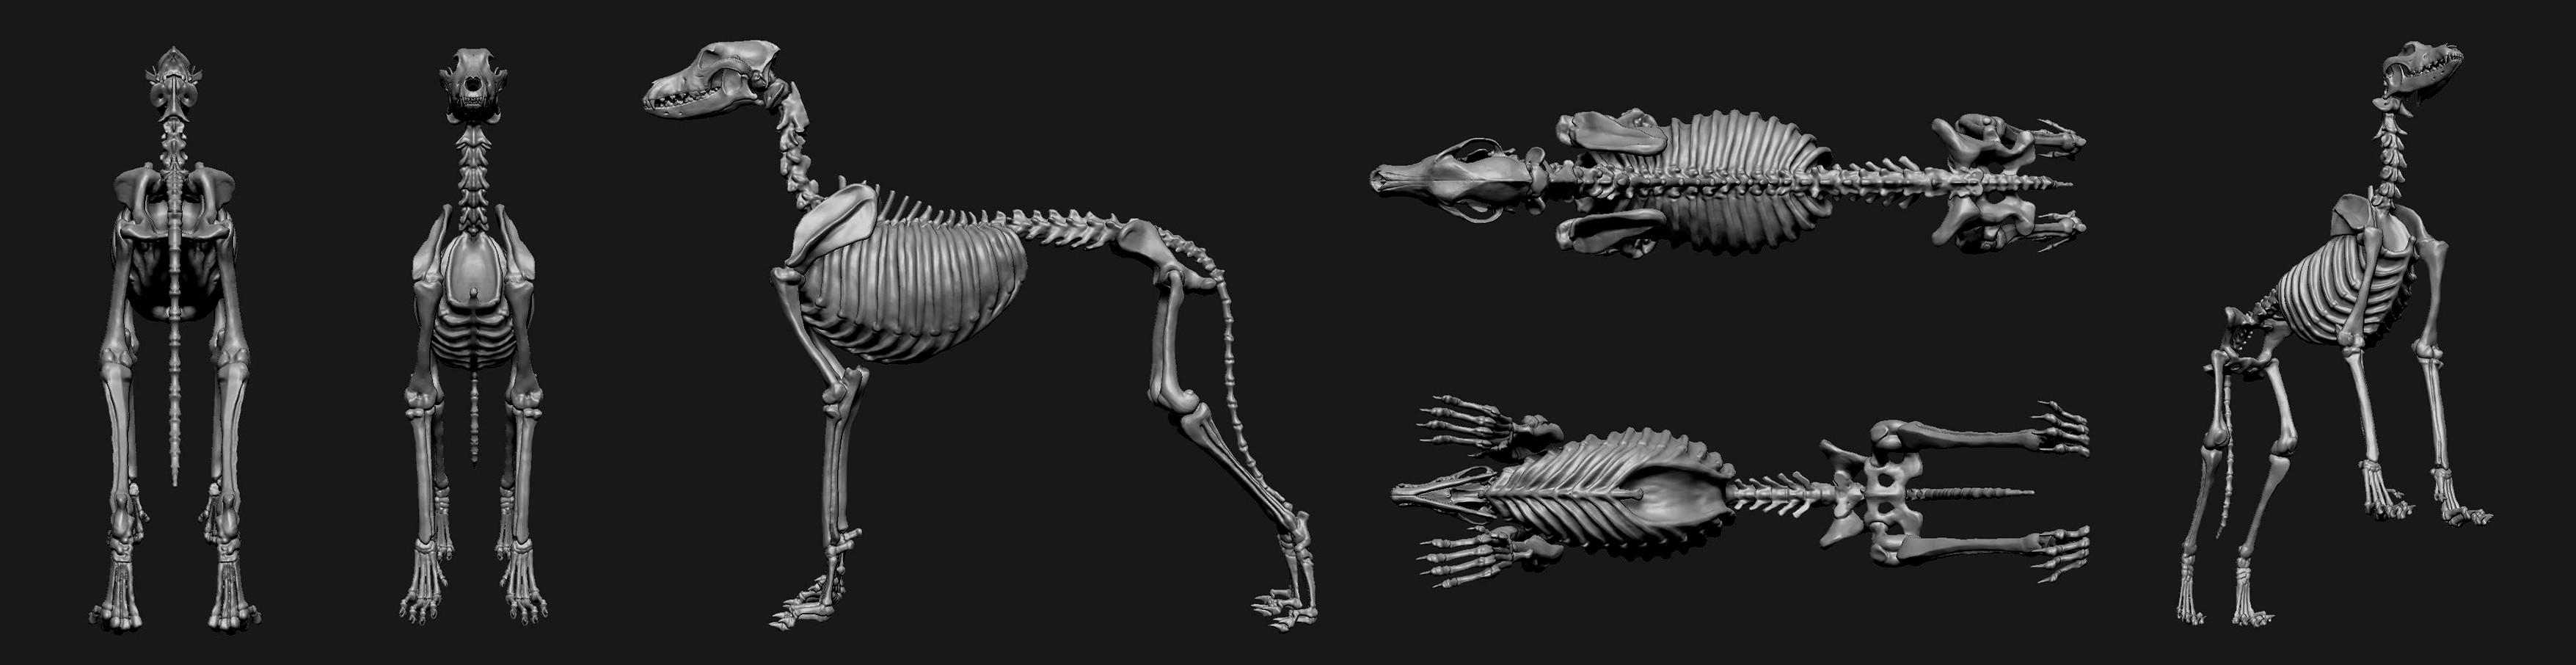 Full skeletal system